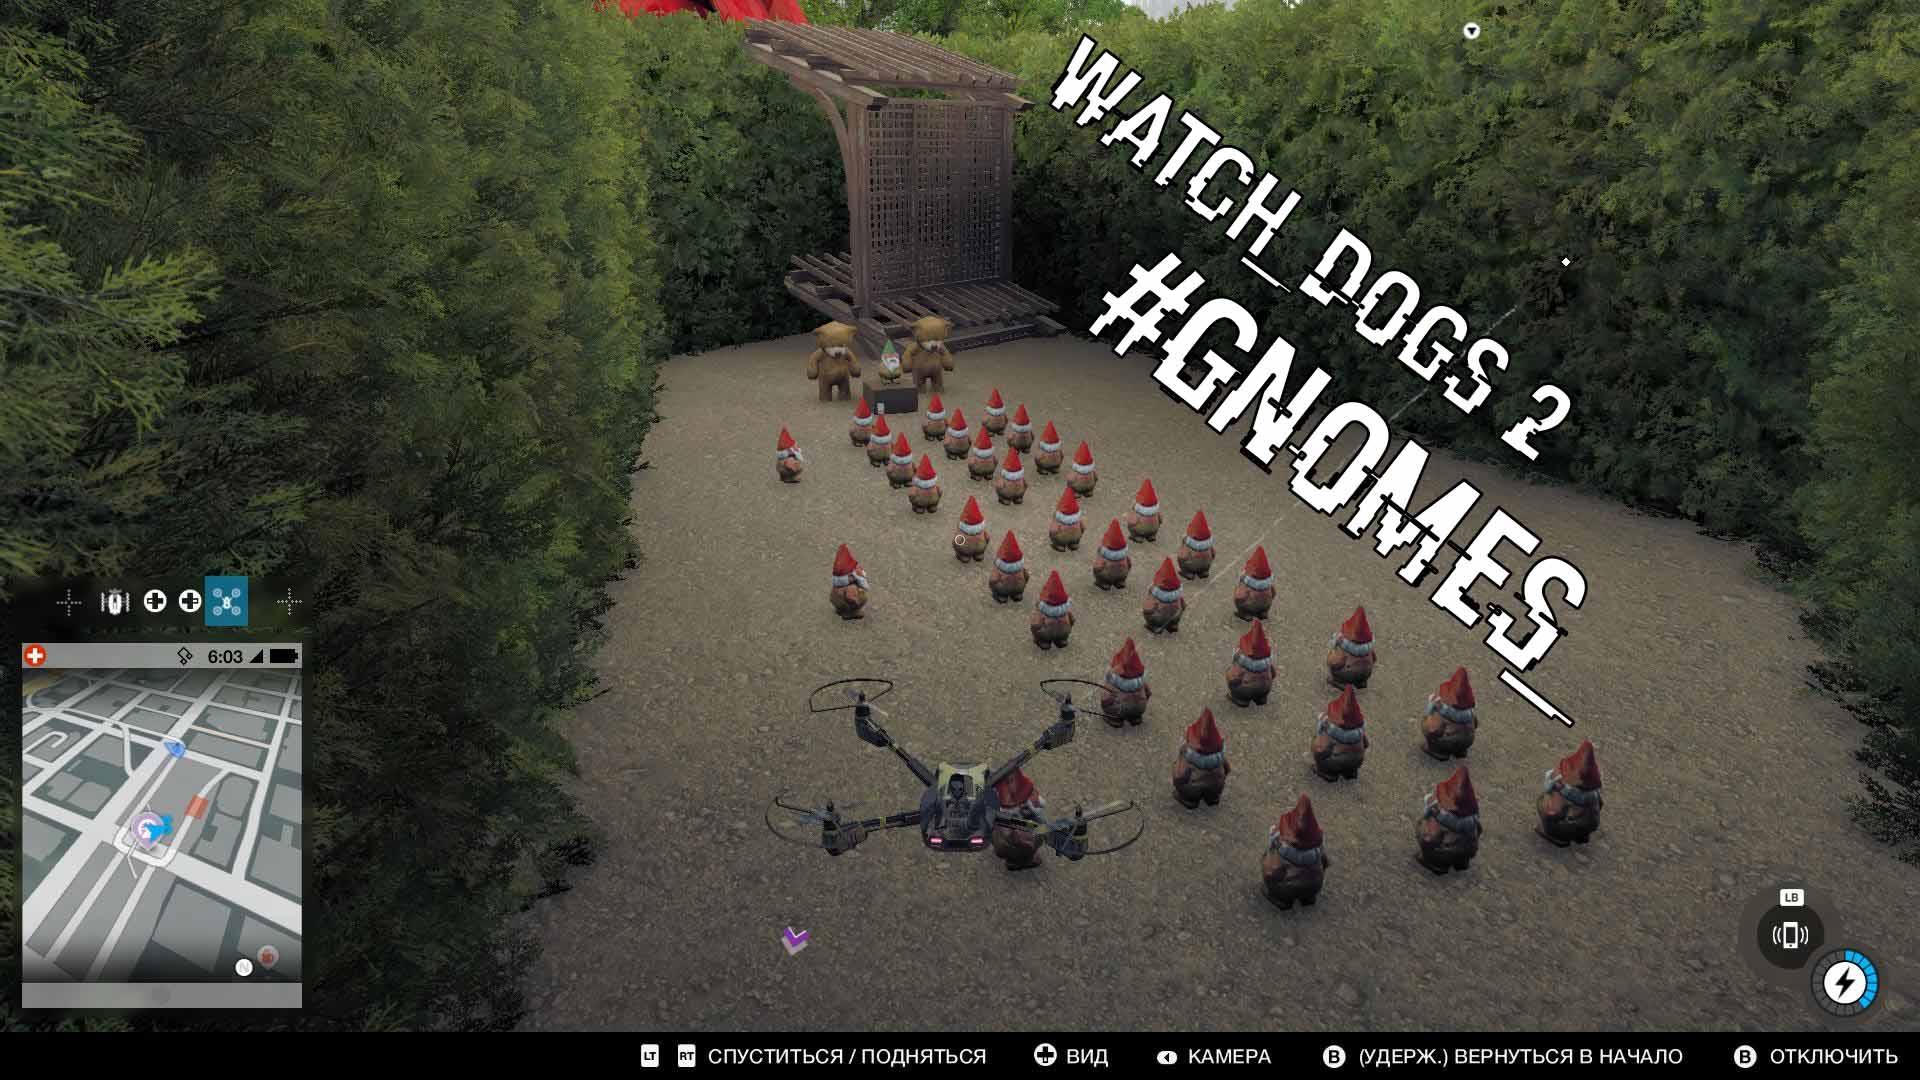 Гайд по местонахождению Гномов в Watch Dogs 2 ...